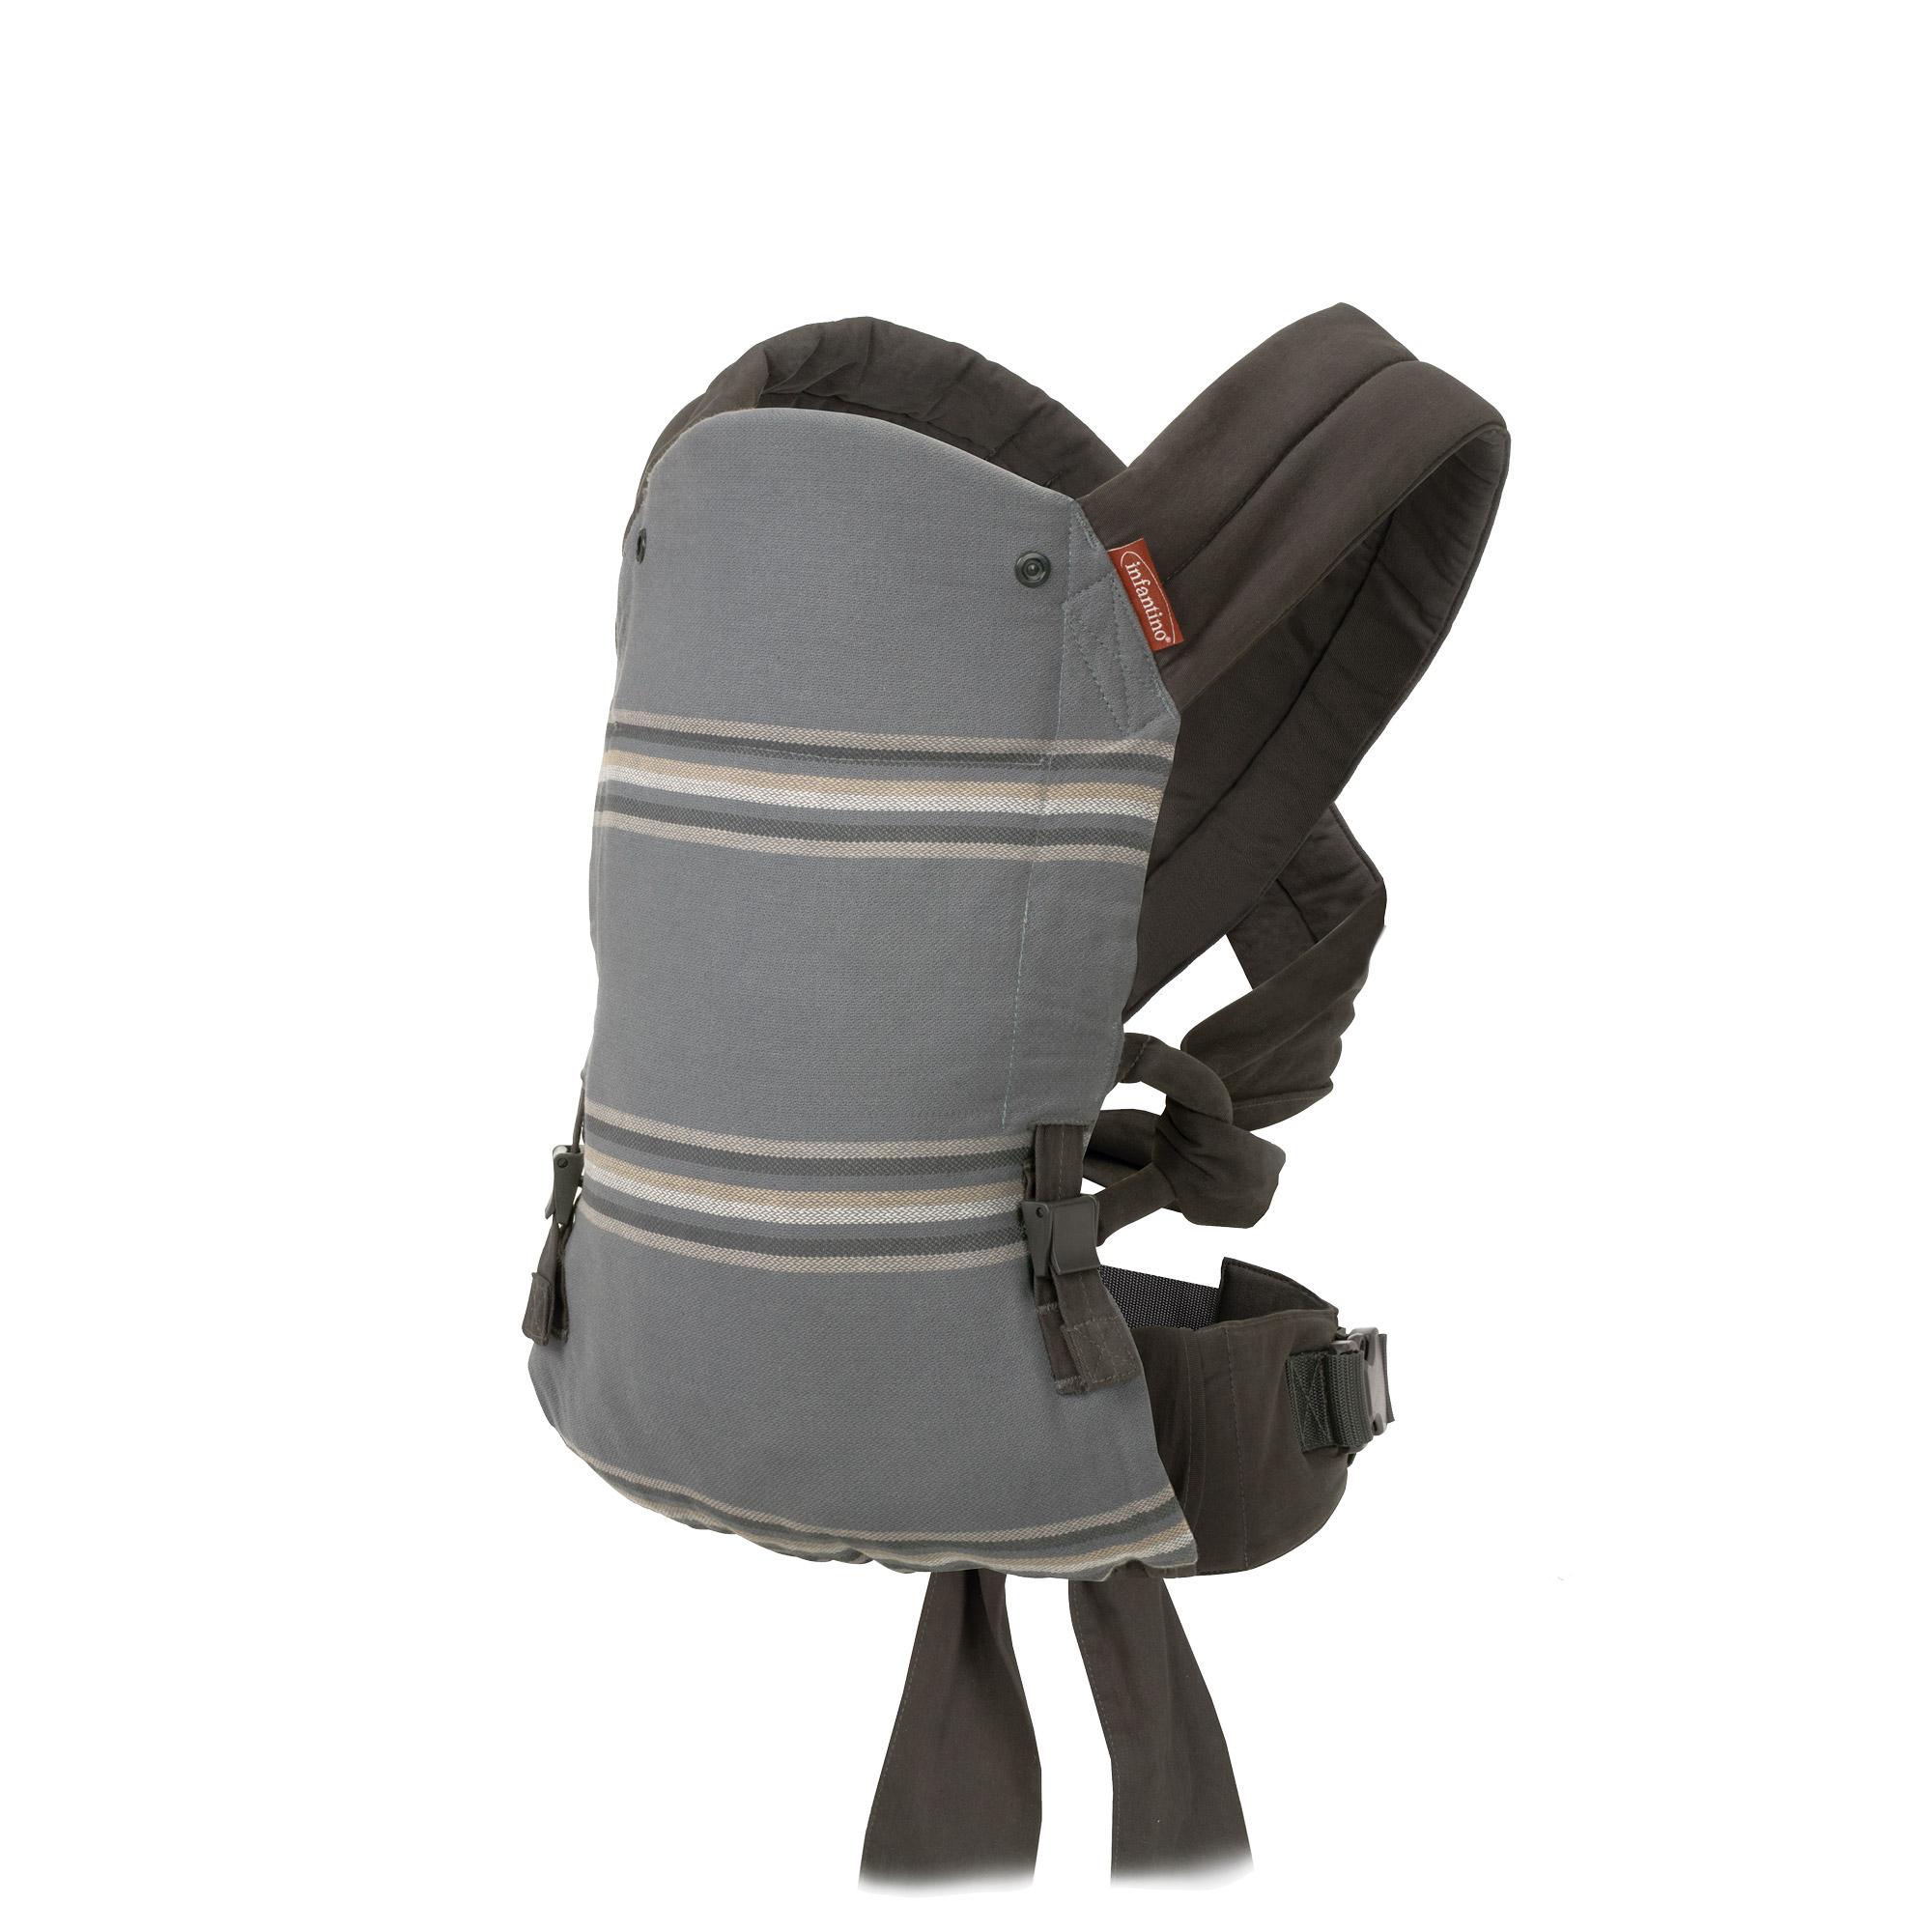 Porte bébé Natural Fit